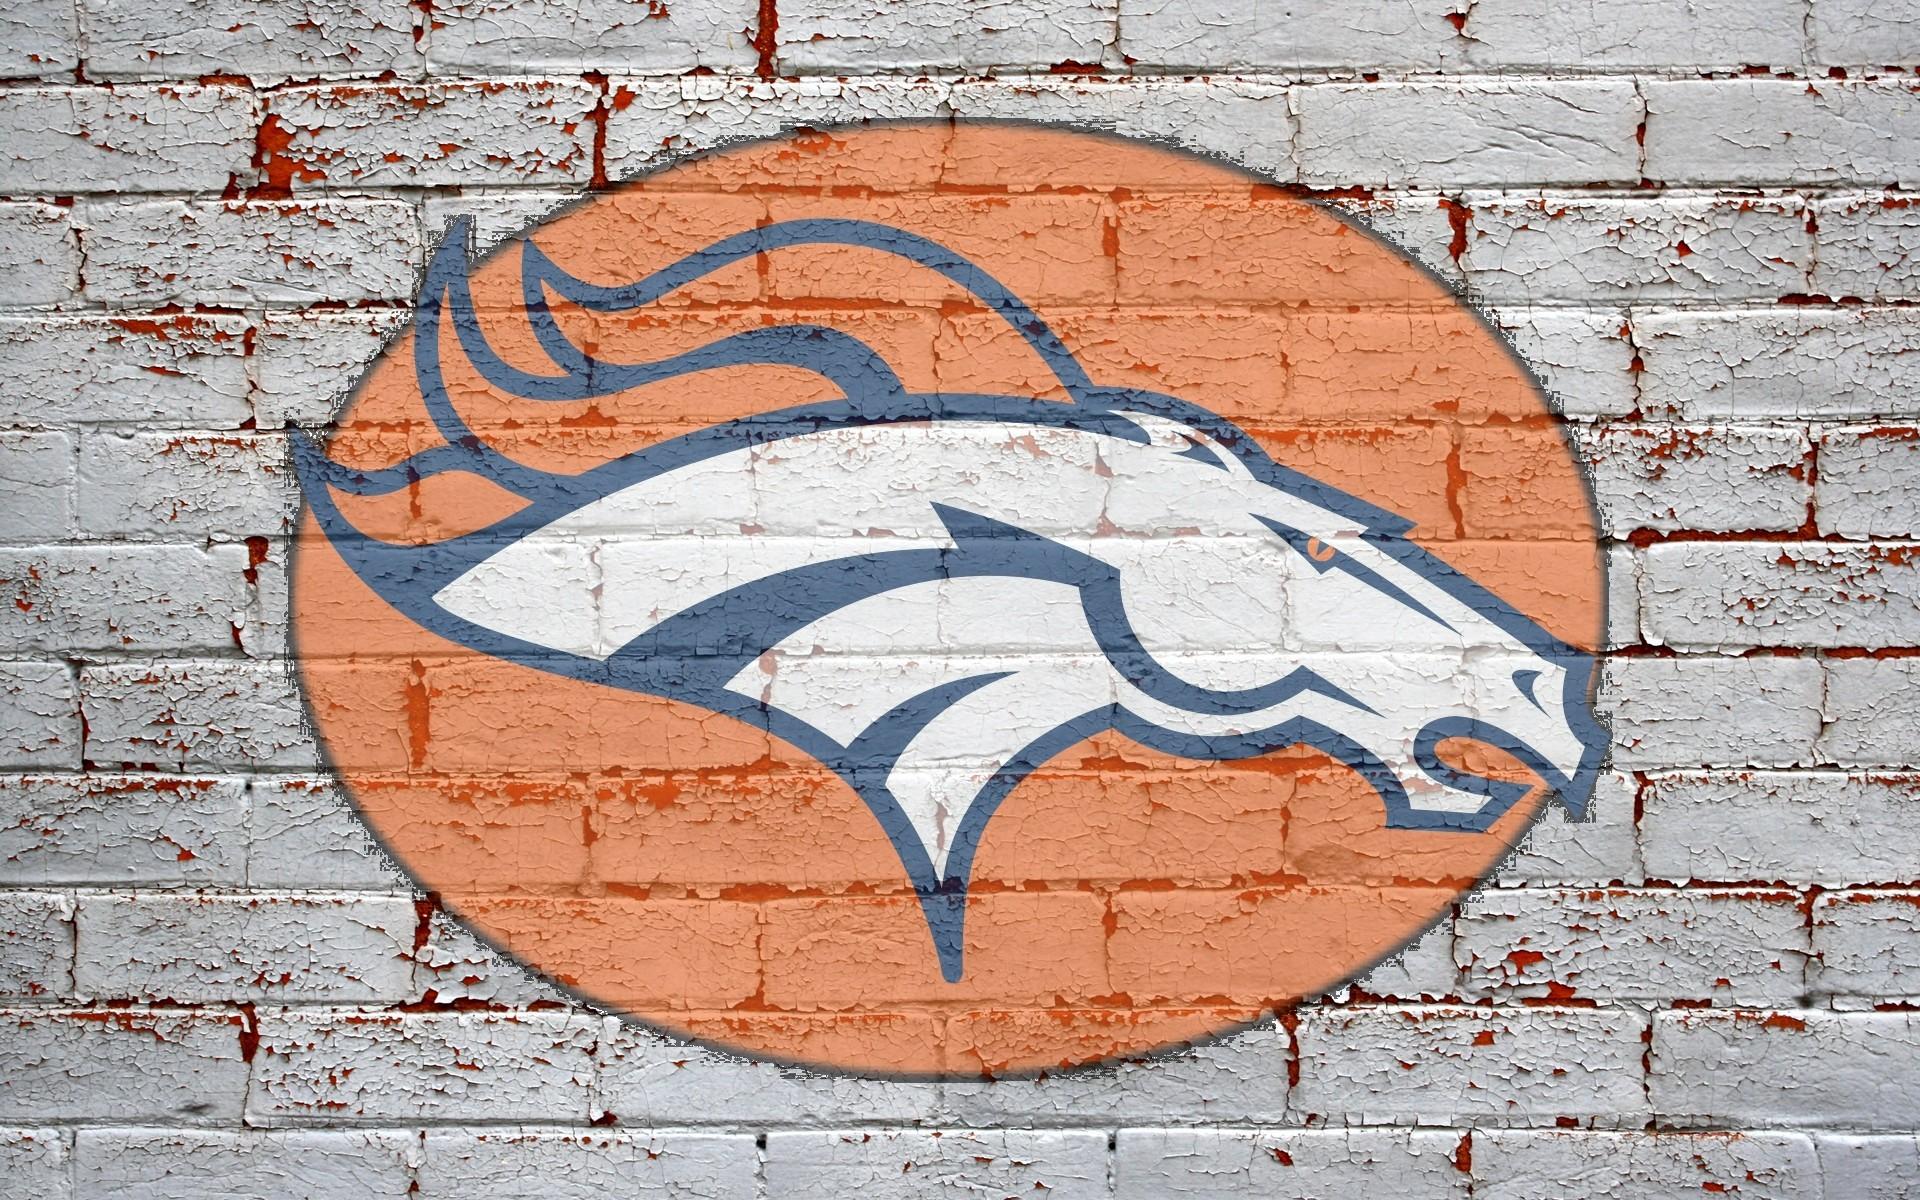 Nfl Denver Broncos Logo On Blue Background 1920x1200 Wide Short News 1920x1200